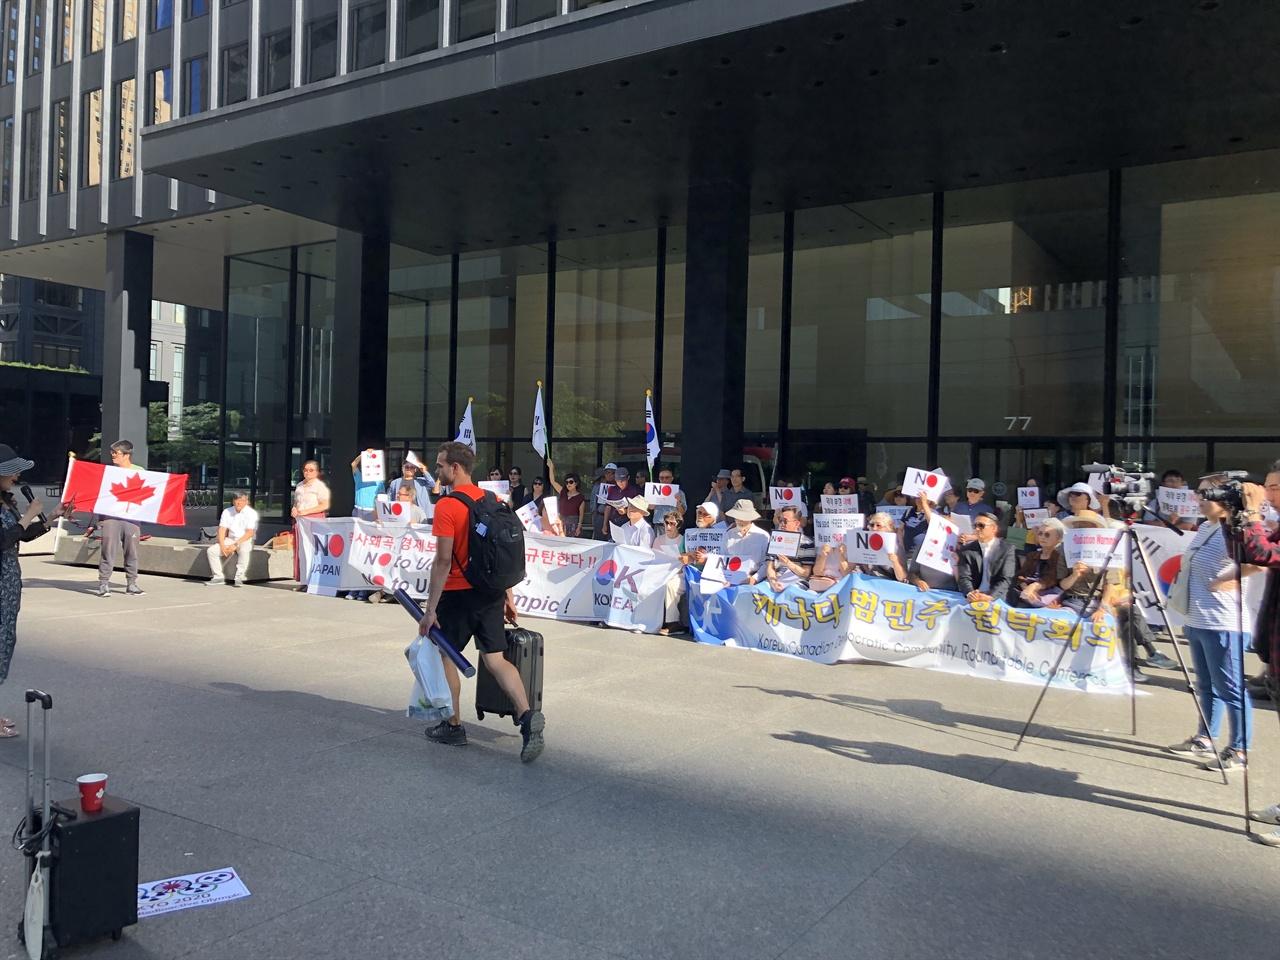 캐나다 토론토 아베 규탄 집회가 토론토 일본 총영사관 앞에서 진행되고 있다.